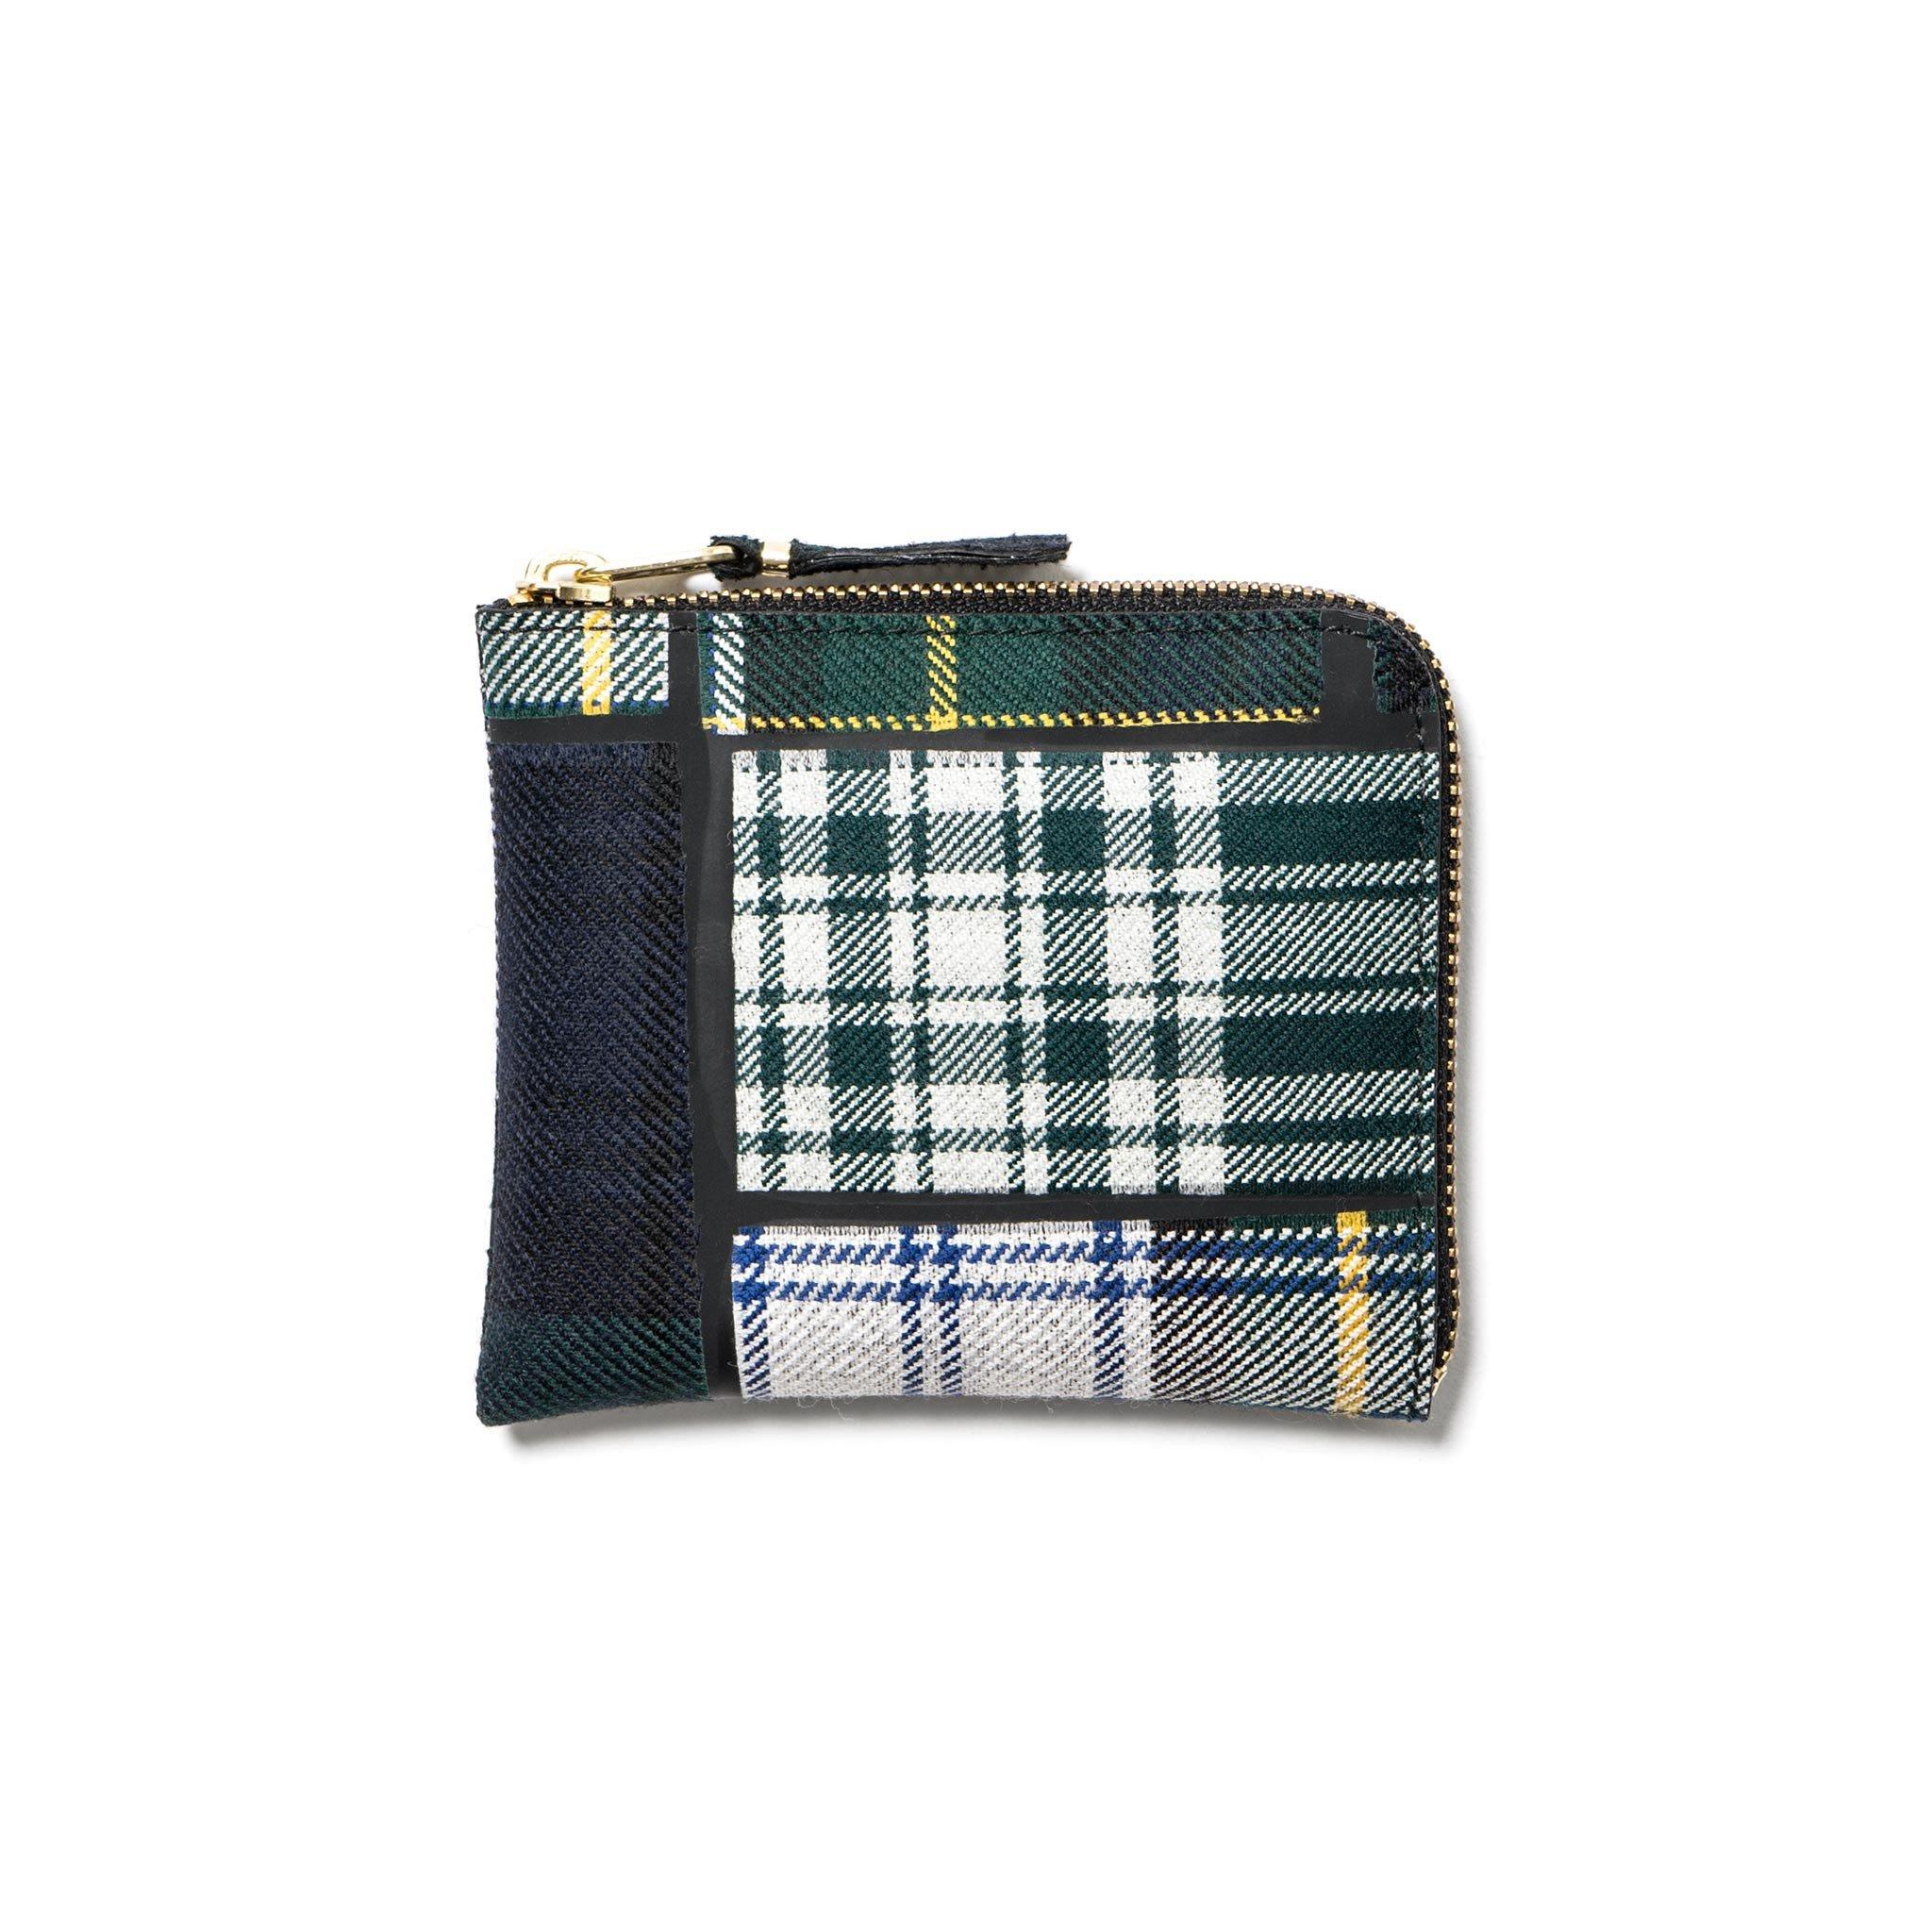 Comme De Garcons Wallet | Comme Des Garcons Embossed Wallet | Comme Des Garcons Polka Dot Wallet